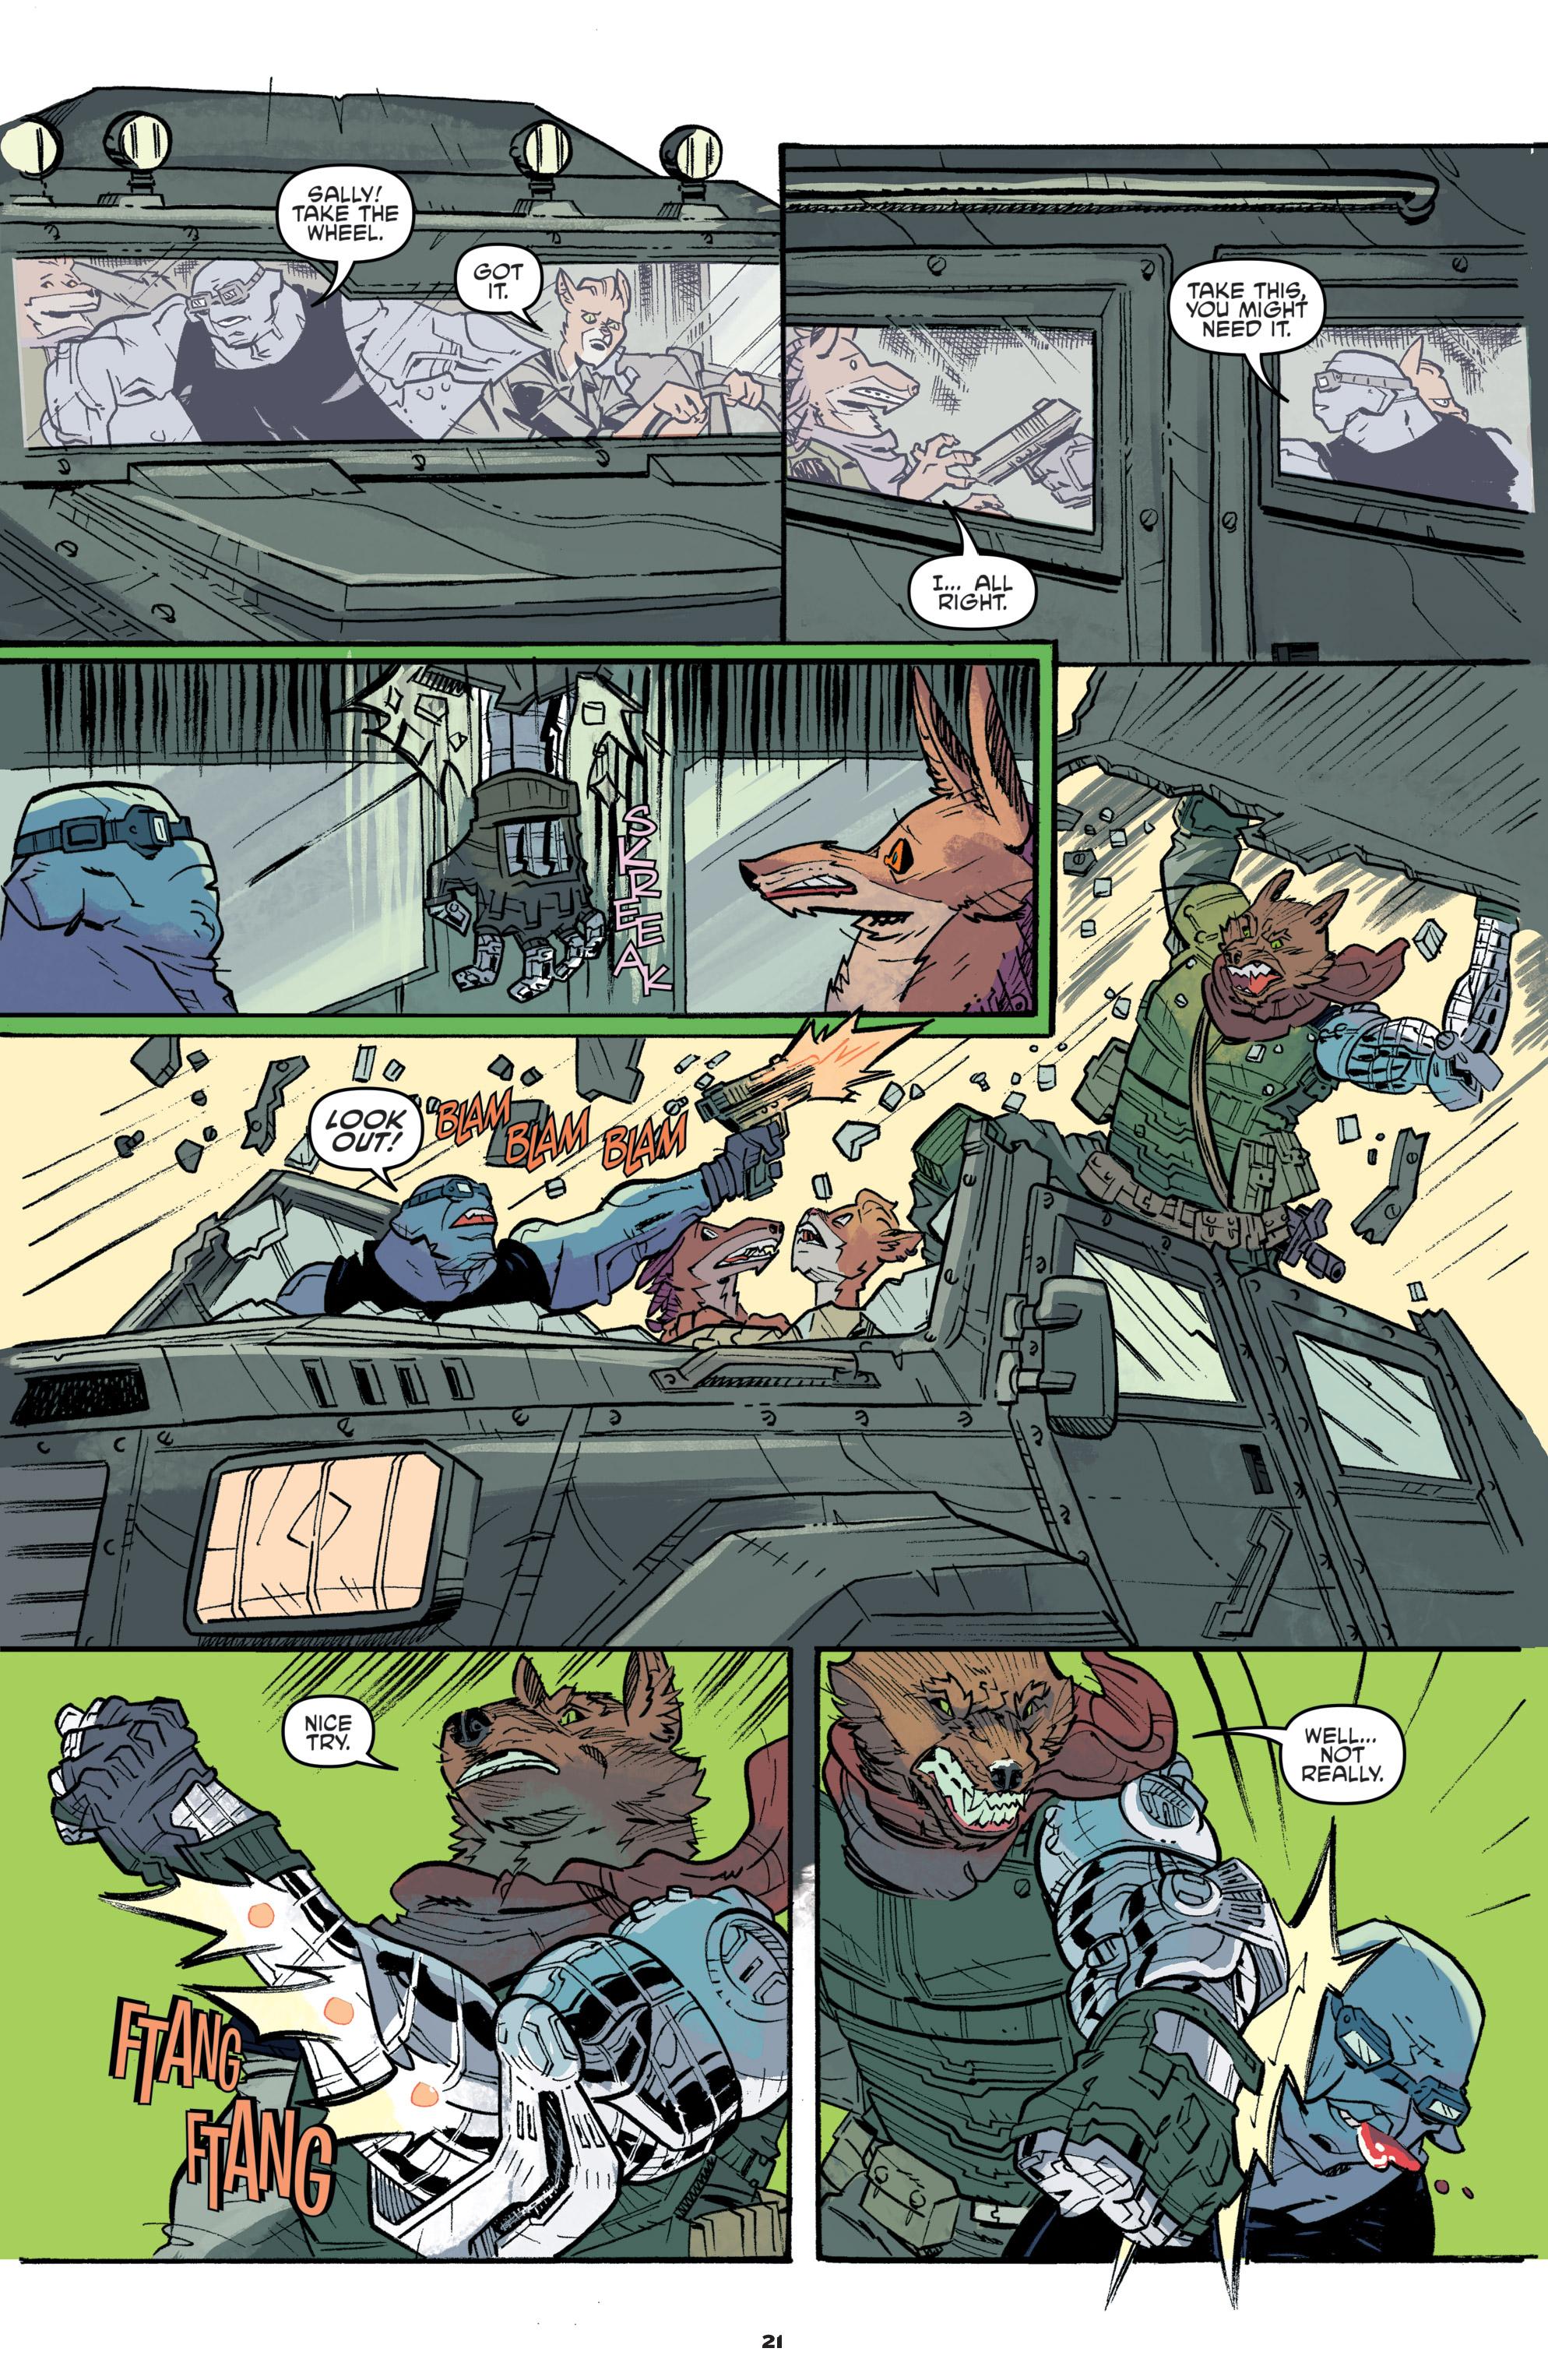 Read online Teenage Mutant Ninja Turtles Universe comic -  Issue #11 - 23